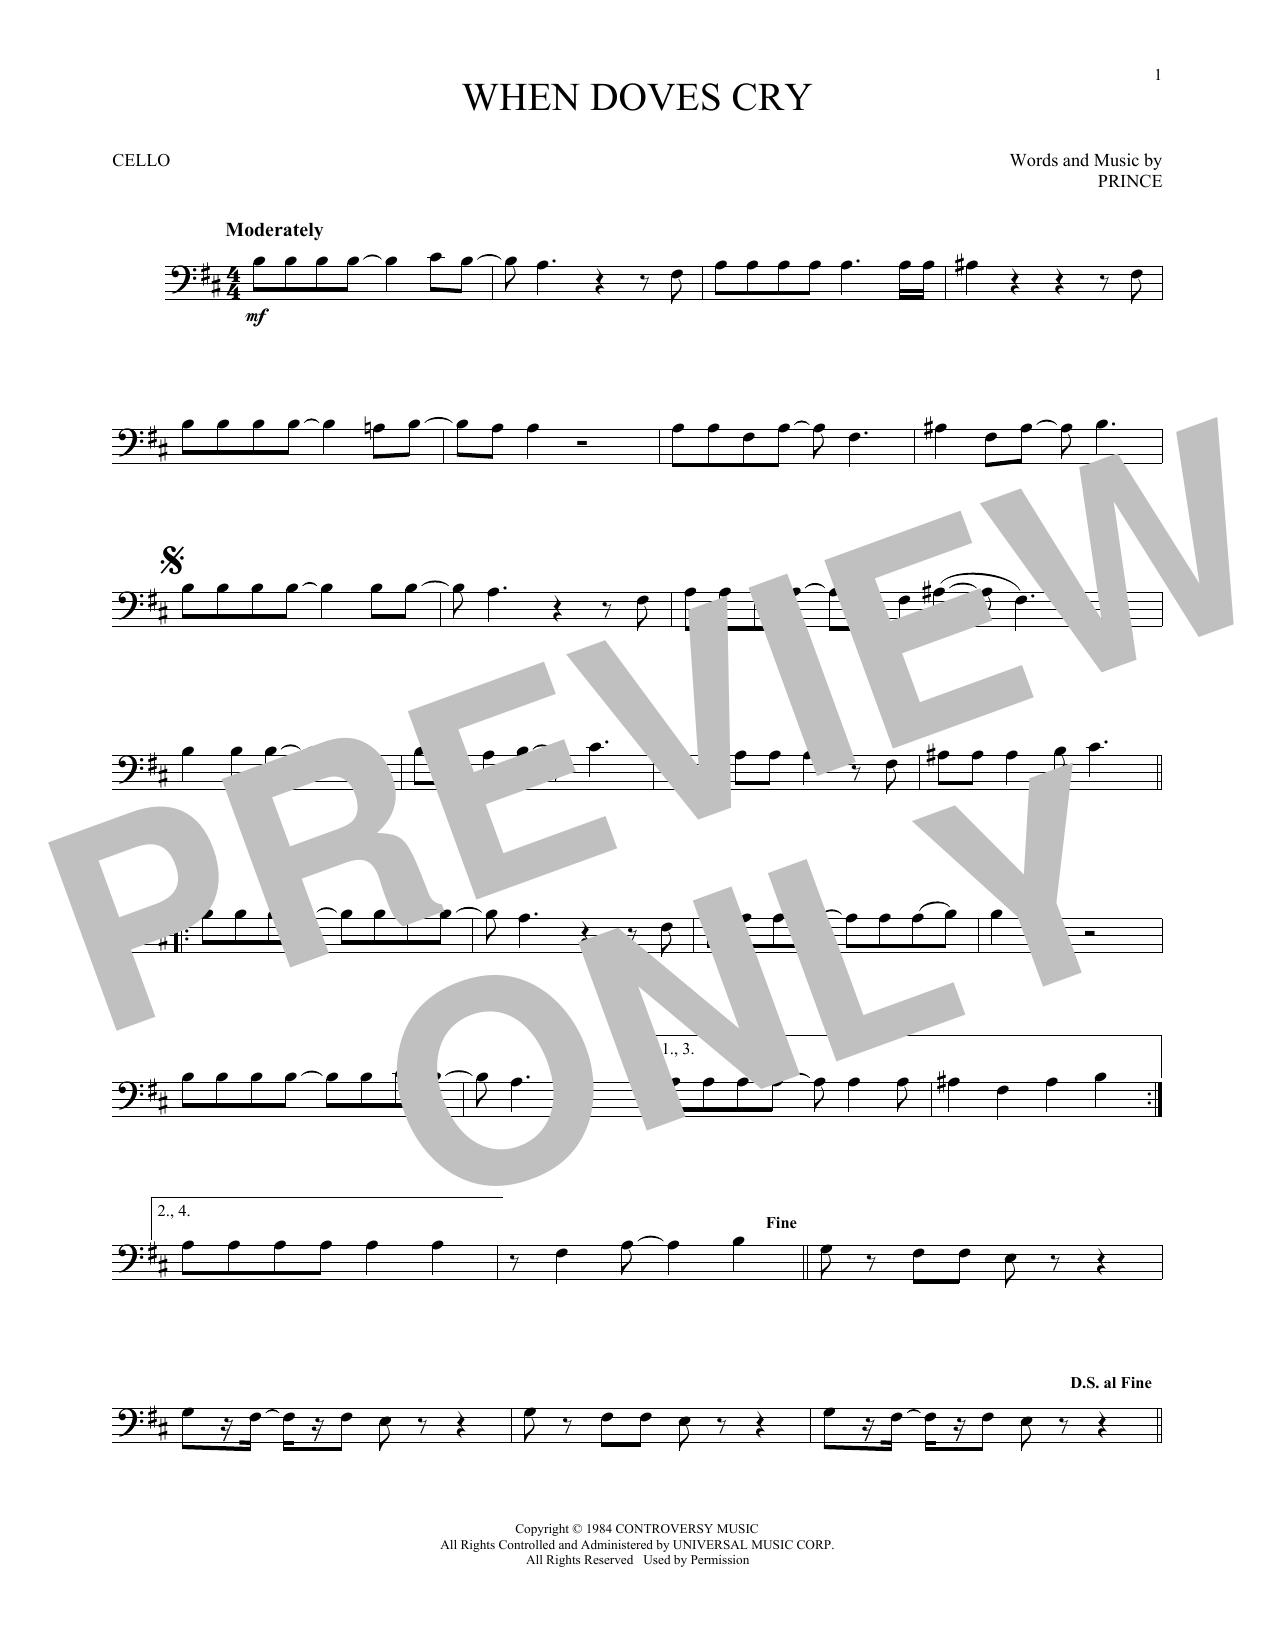 When Doves Cry (Cello Solo)